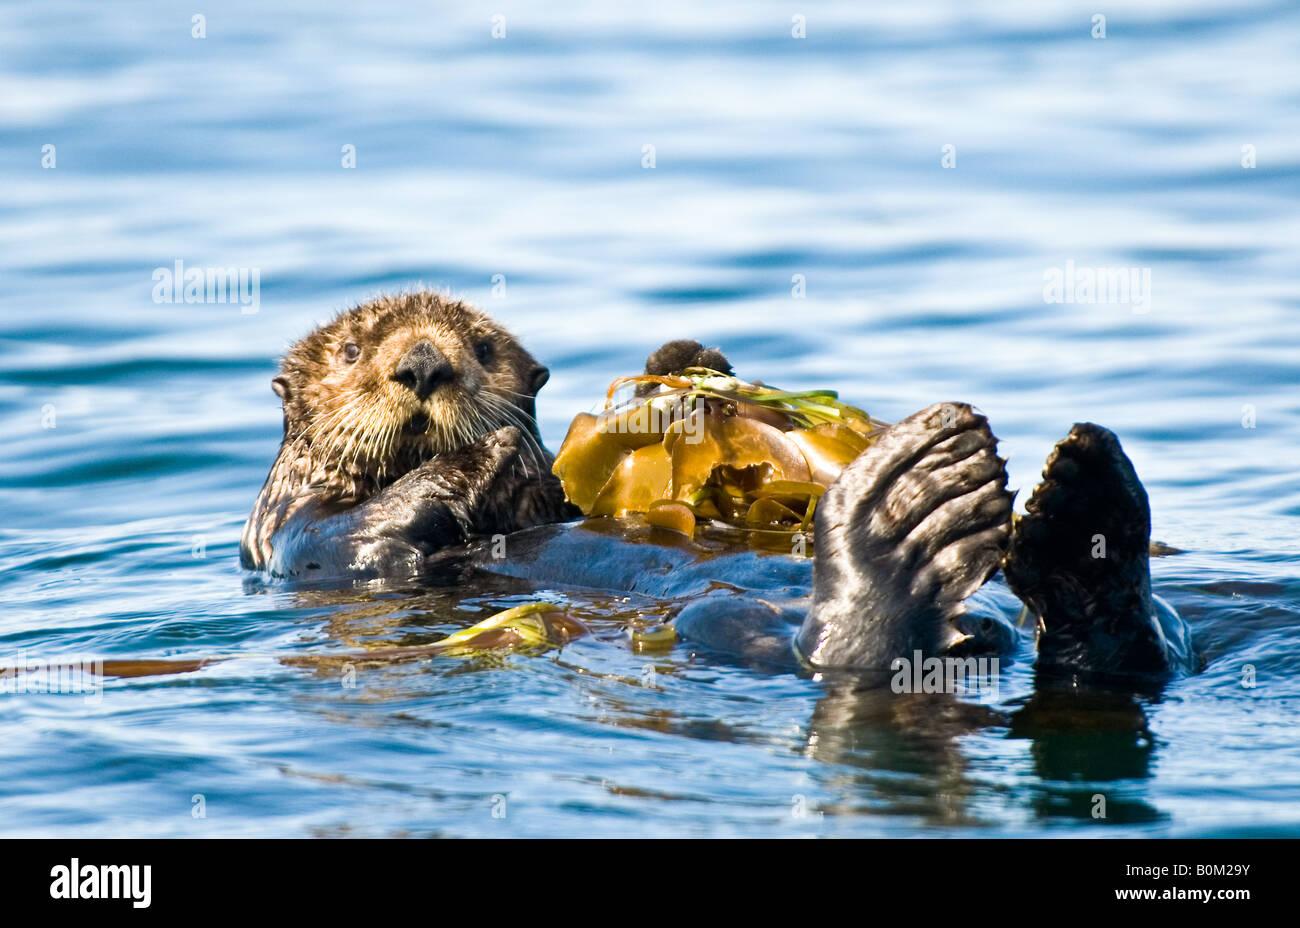 Stati Uniti d'America Alaska Sea Otter in appoggio sul letto di fuco in ocean Foto Stock